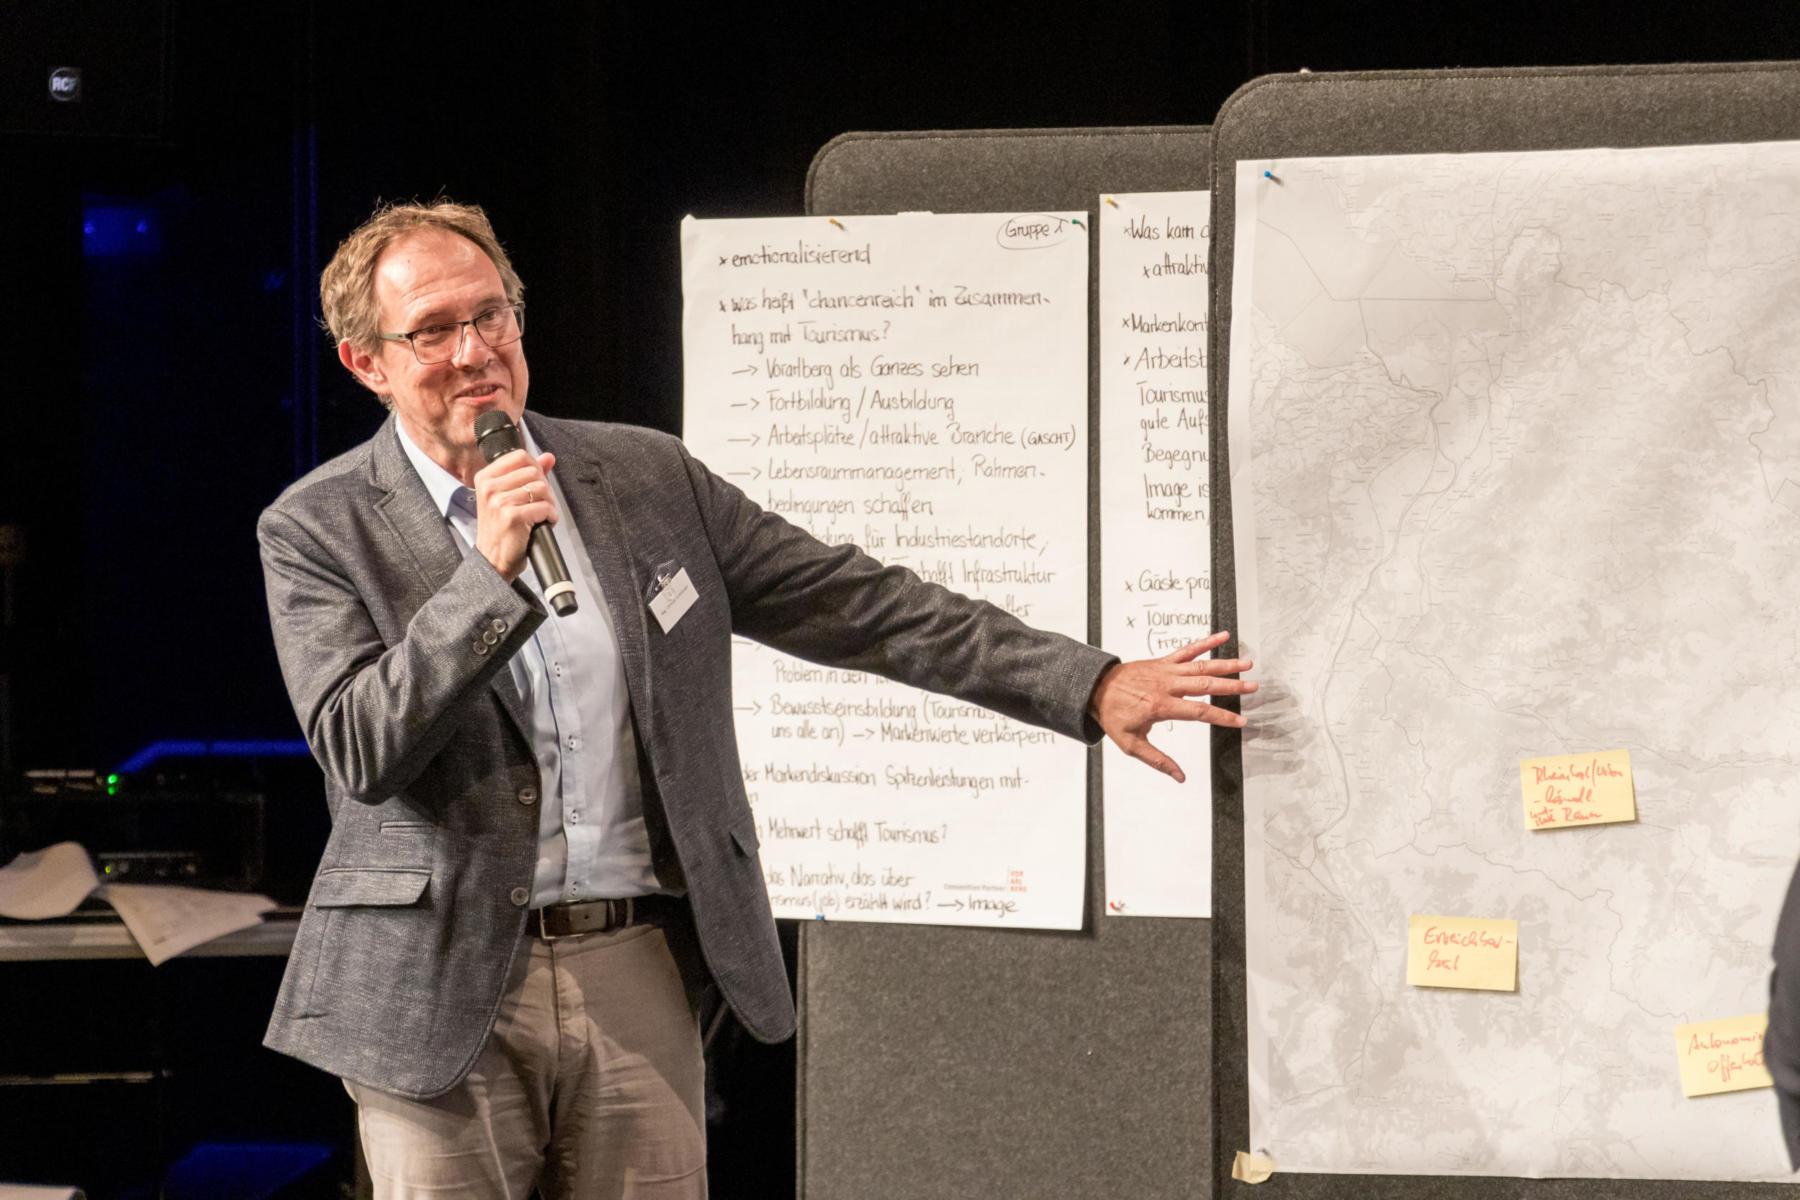 """Panograf 20210701 275 1800x1200 - Visionstag der Vorarlberger Tourismus-Branche: """"Tourismus neu denken"""""""